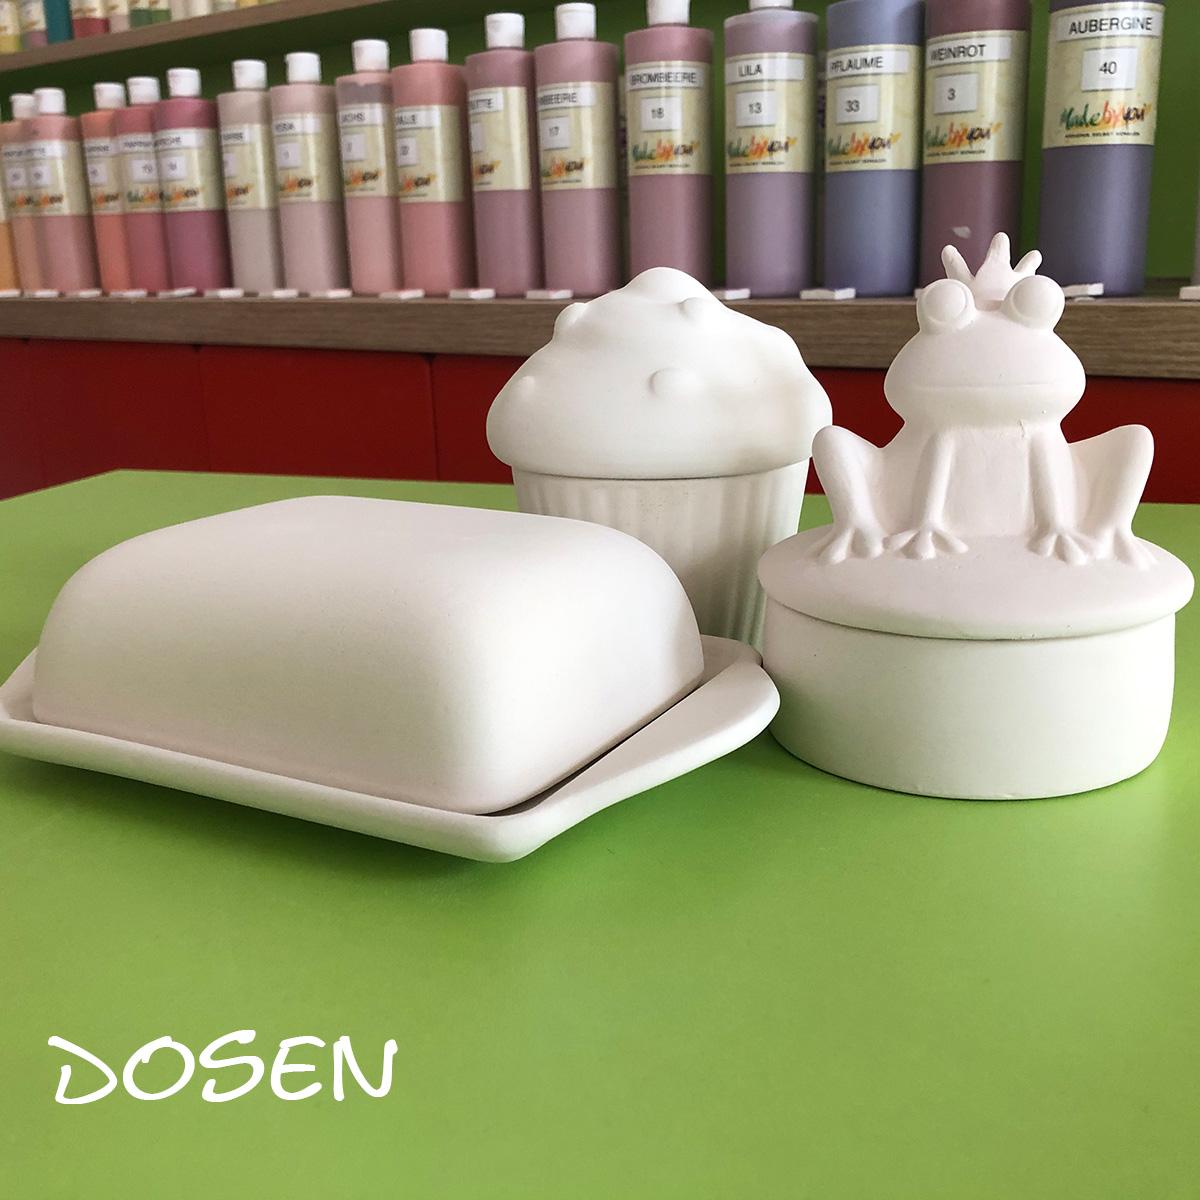 Dosen - Keramik zum bemalen